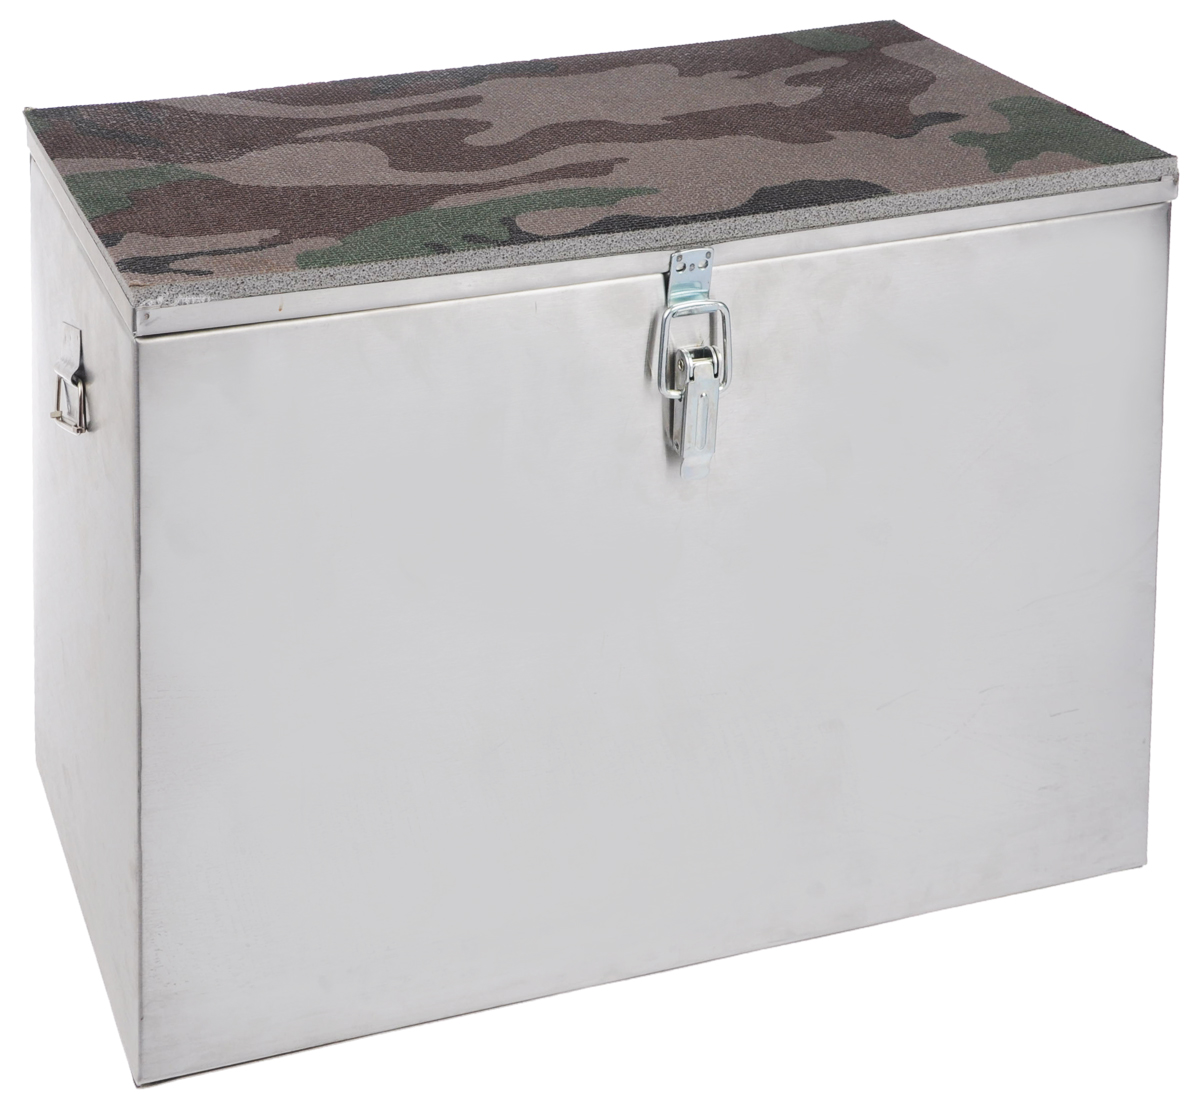 Ящик рыболова Рост, 40 см х 19 см х 29 см26729Прочный и надежный ящик Рост сможет не один год прослужить любителю зимней рыбалки для транспортировки снастей и улова. Корпус изготовлен из листовой оцинкованной стали. Служащая сиденьем верхняя часть крышки оклеена плотным теплоизолятором - пенополиэтиленом с рифленой поверхностью. Внутренний объем ящика разделен перегородкой, придающей конструкции дополнительную жесткость. Боковые стенки емкости снабжены петлями для крепления идущего в комплекте плечевого ремня.